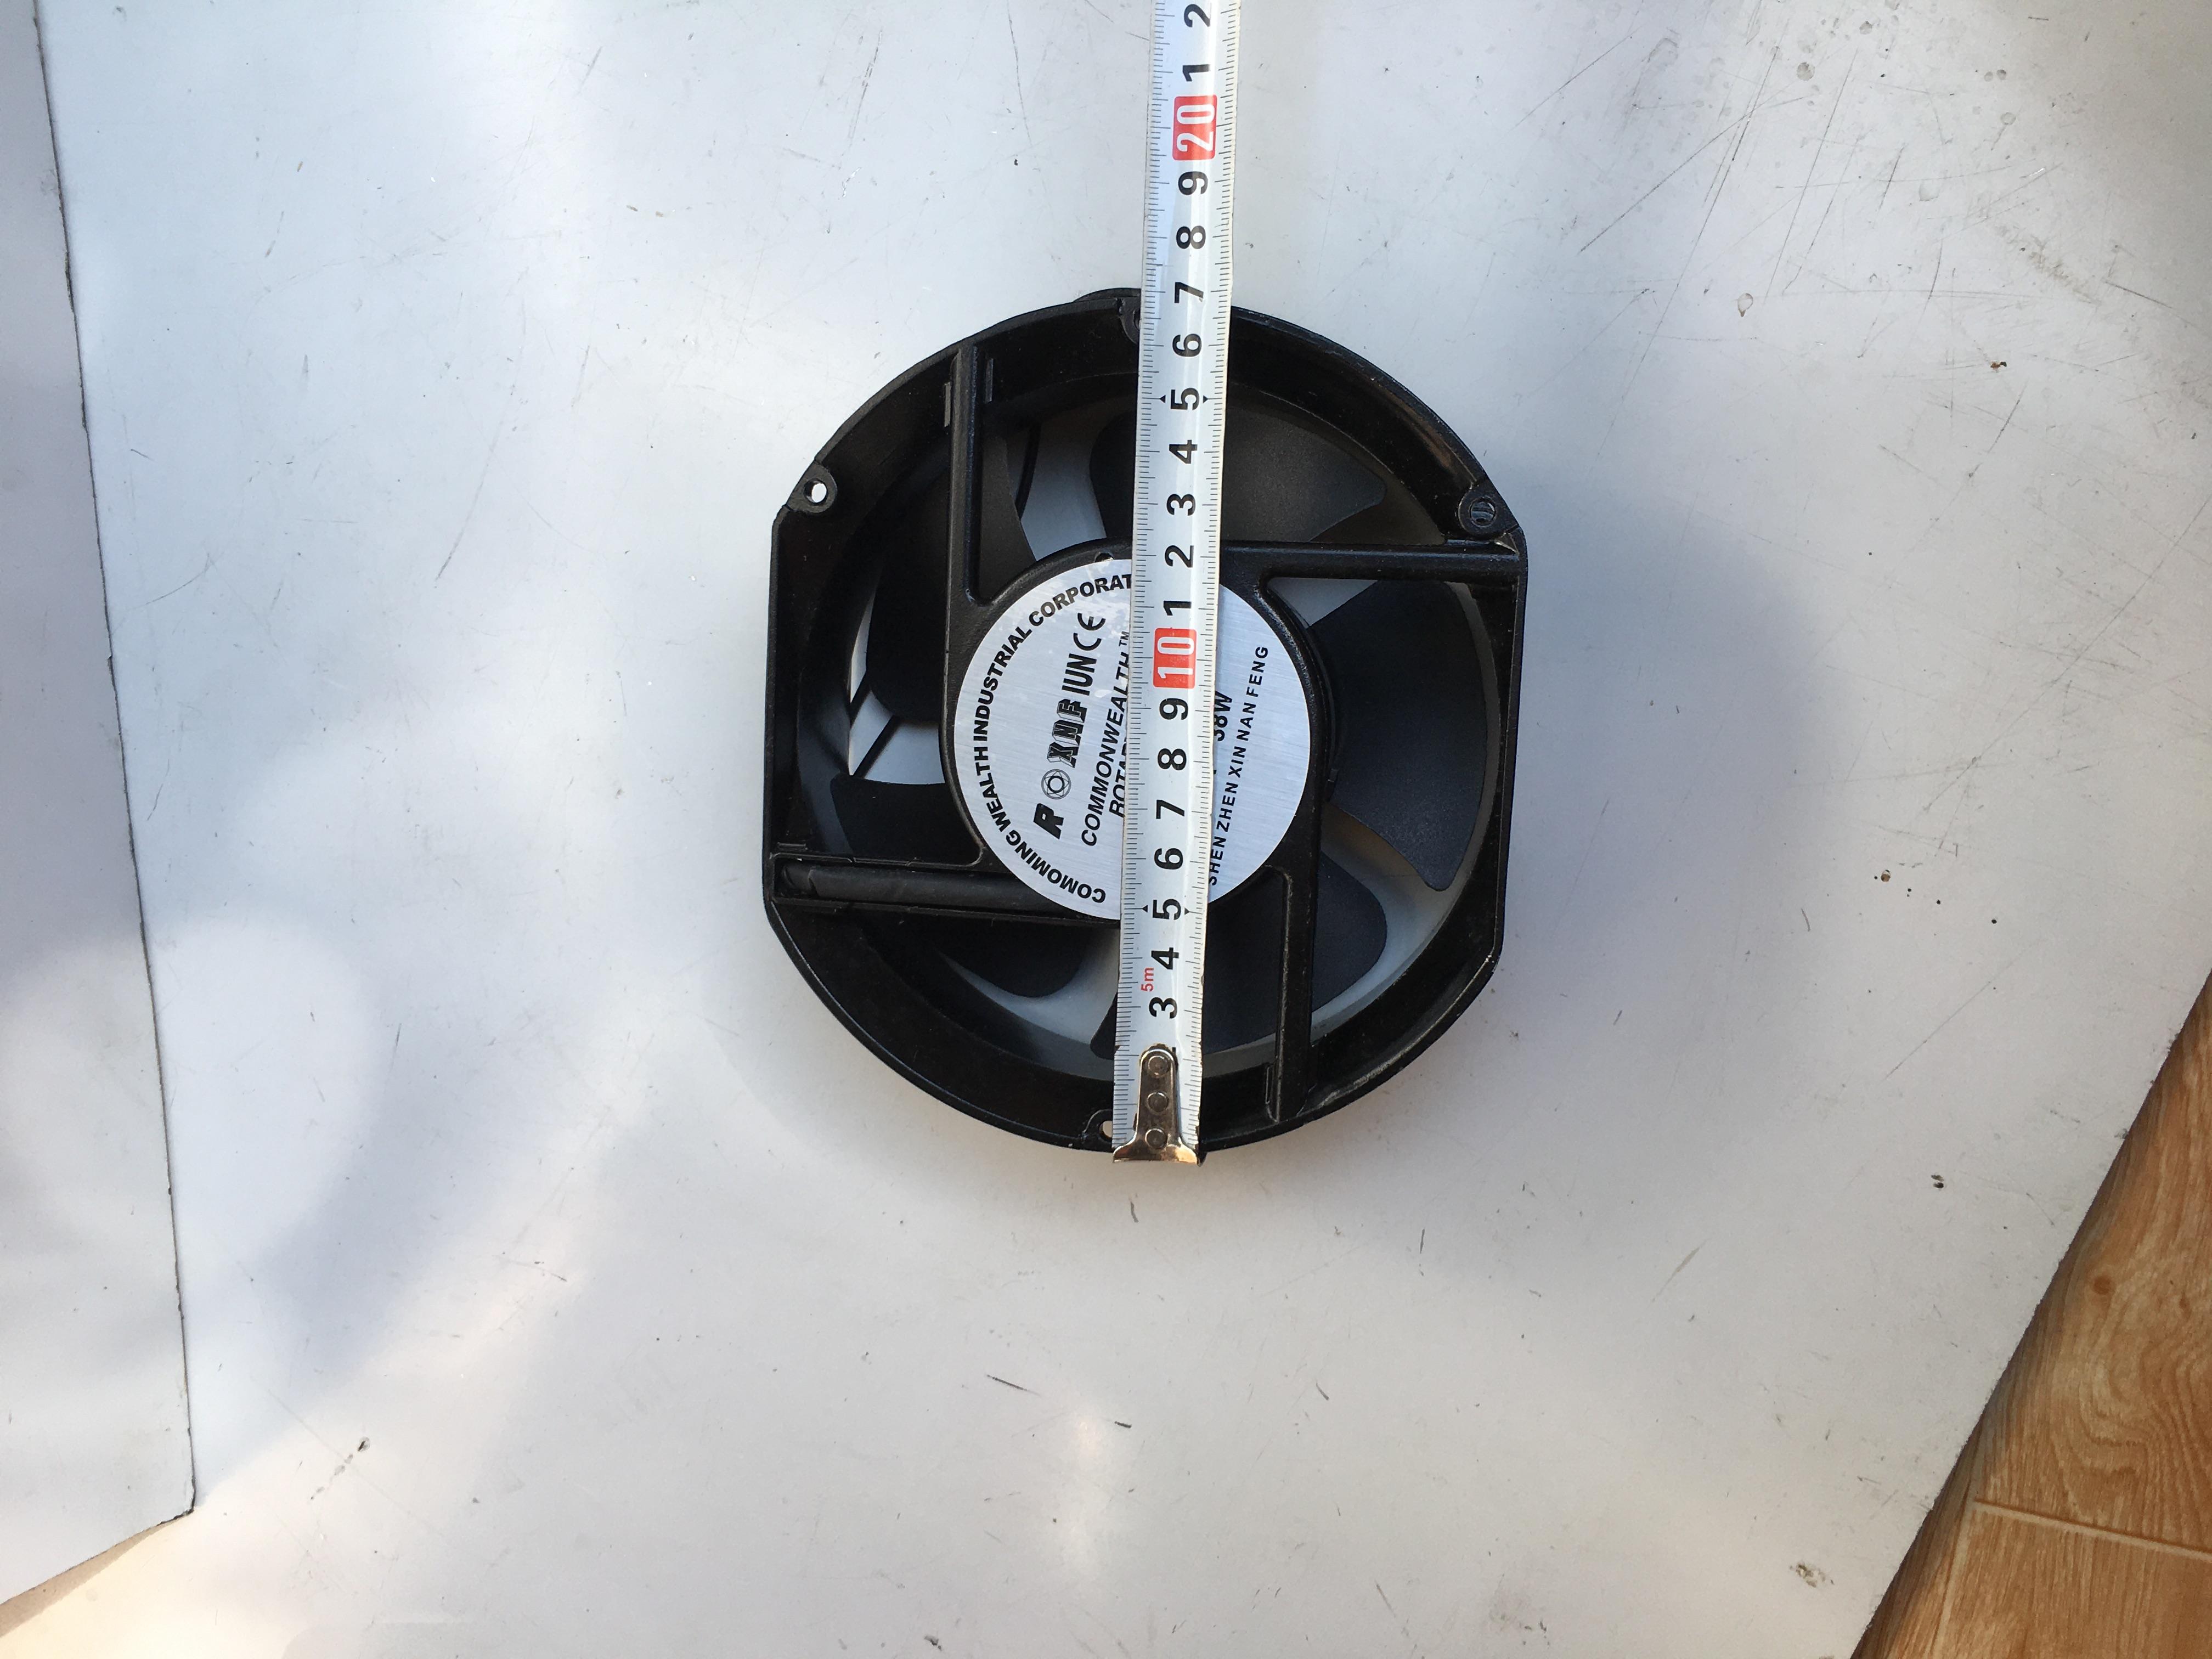 Quạt hướng trục FP-108EX-S1-S/B dây đồng nguyên chất 17250 17251 Máy hàn điện Quạt làm mát